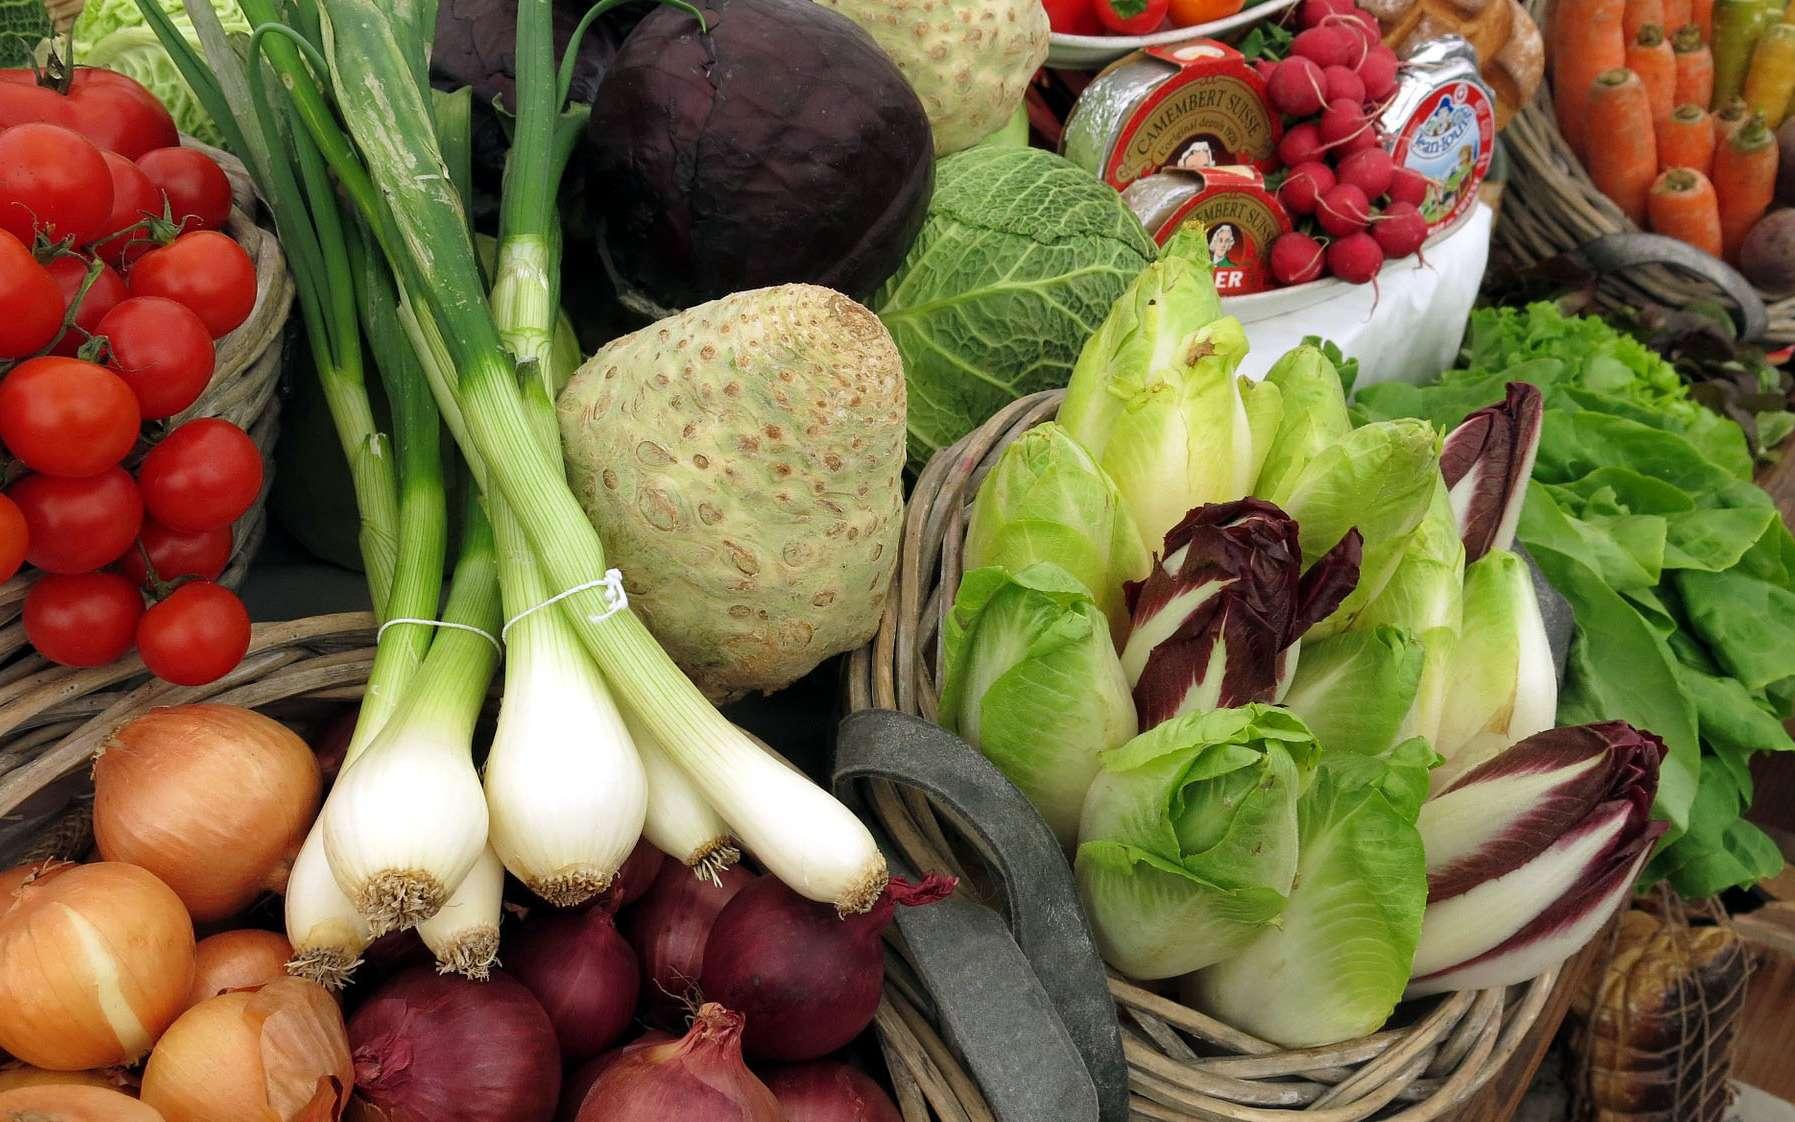 Une alimentation variée et saine permet d'éviter bon nombre de maladies. Certains aliments fournissent l'énergie et les molécules indispensables à notre organisme quand d'autres prennent soin de notre flore intestinale.© B1 fotos, Pixabay, DP